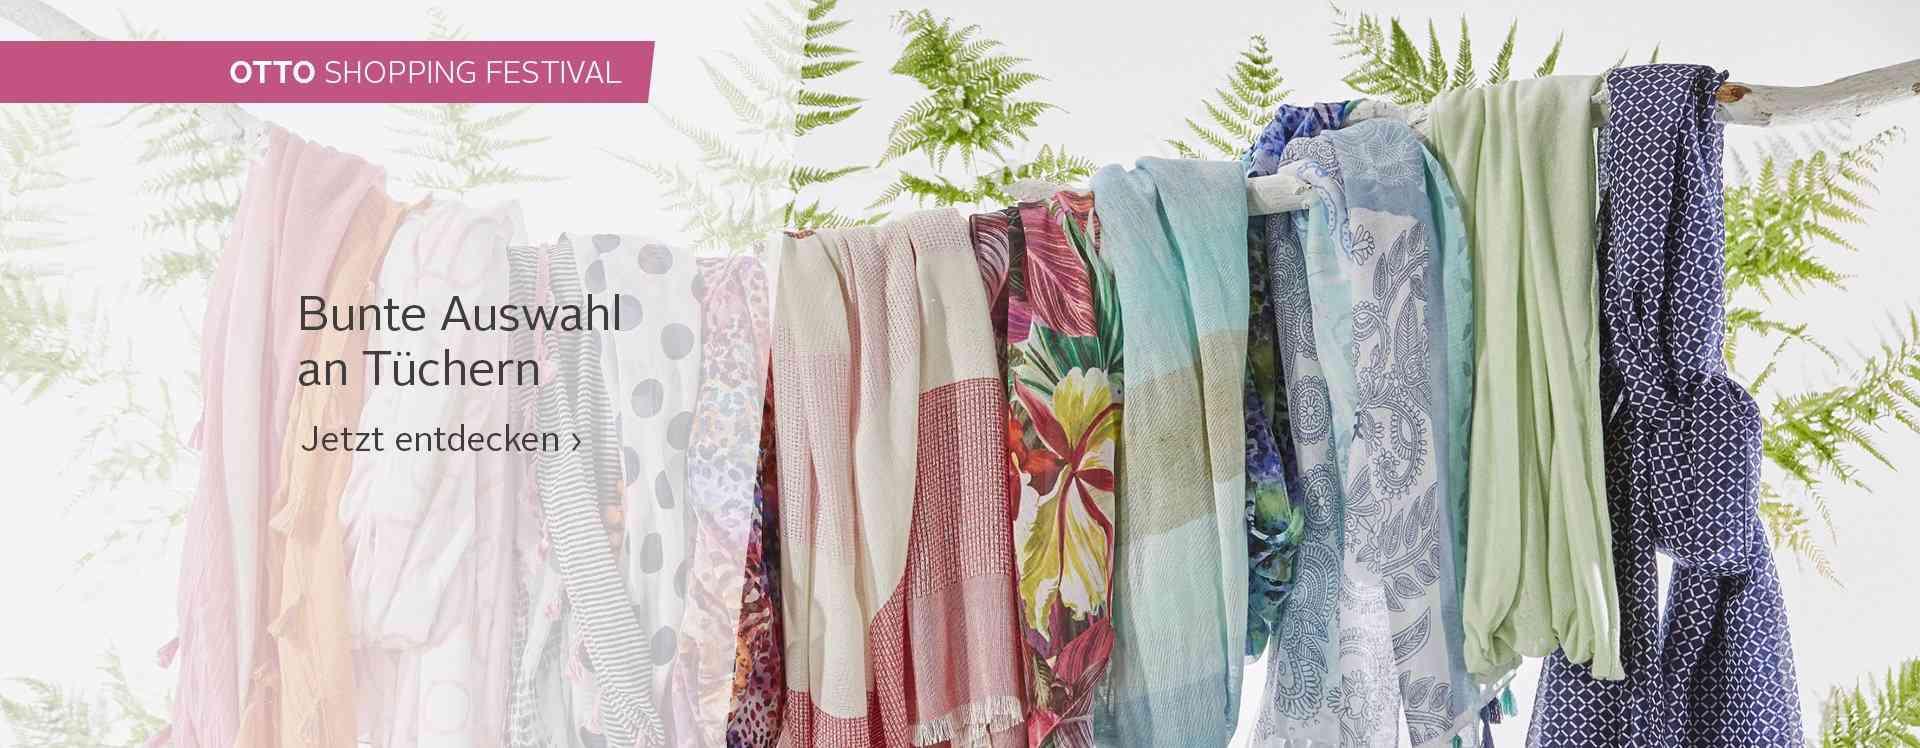 Auf diese Tücher und Schals können Sie an kühlen Spätsommerabenden oder an windigen Herbsttagen einfach nicht verzichten.